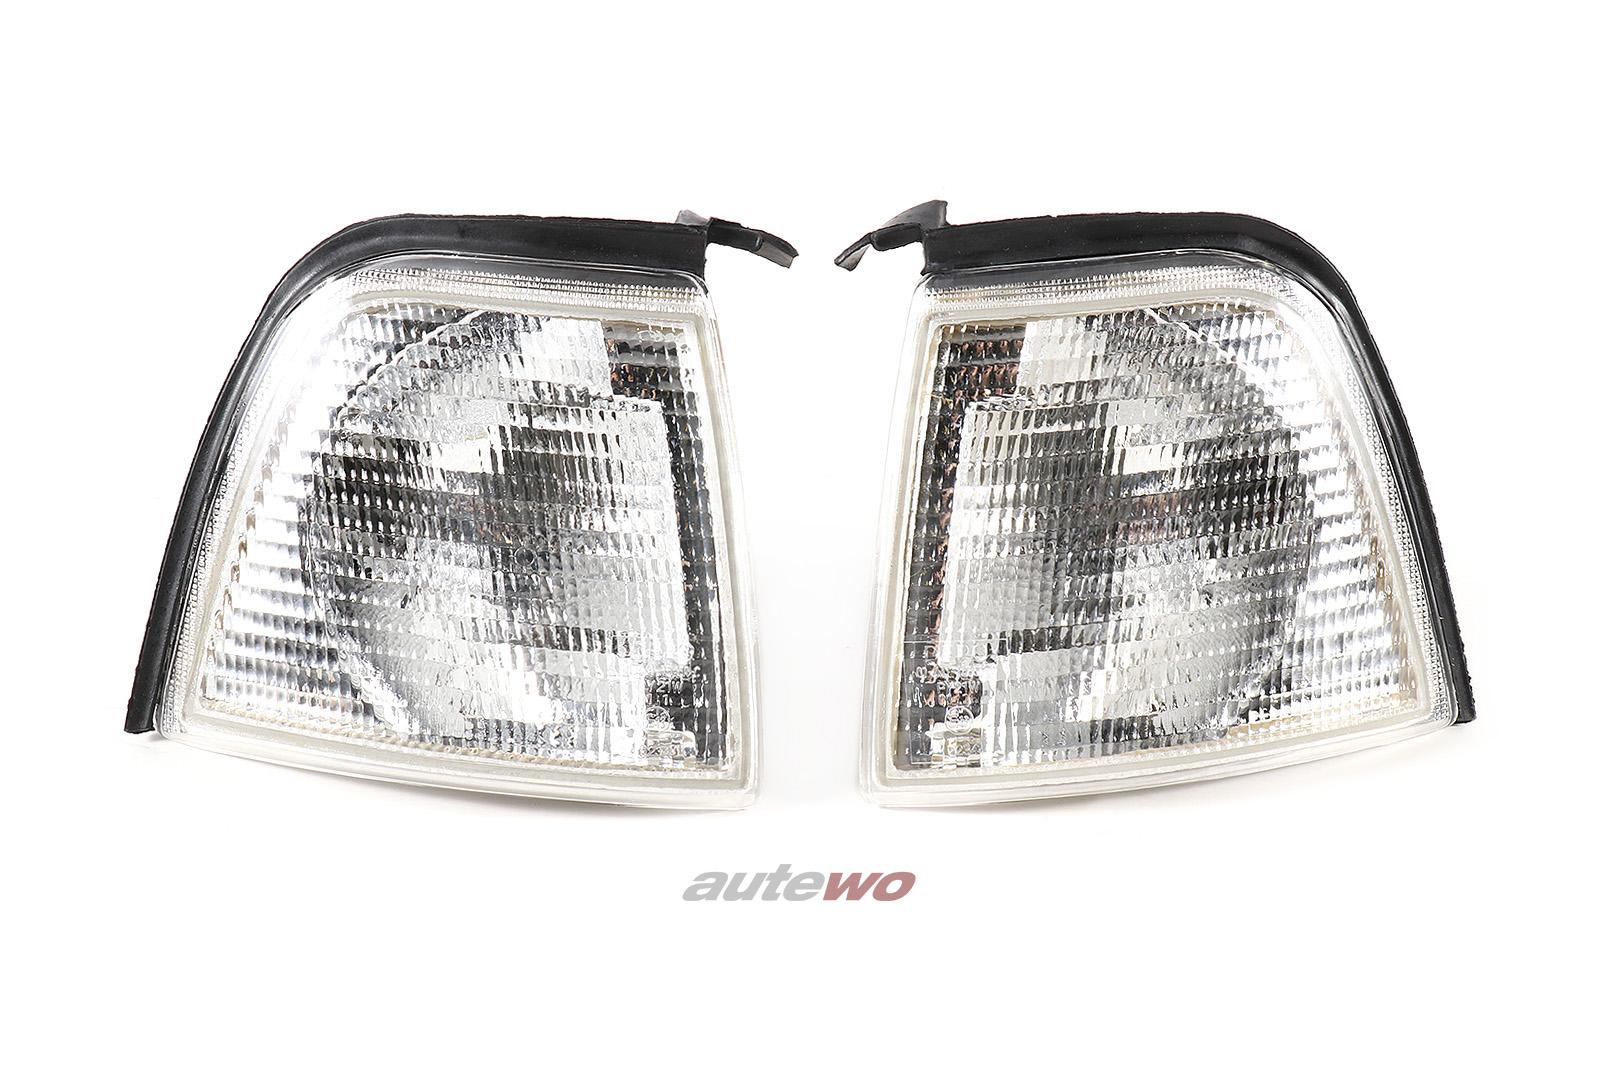 Blinker Paar Vorne weiß für Audi 80 Typ 89/B4 entspricht 8A0953049A/8A0953050A